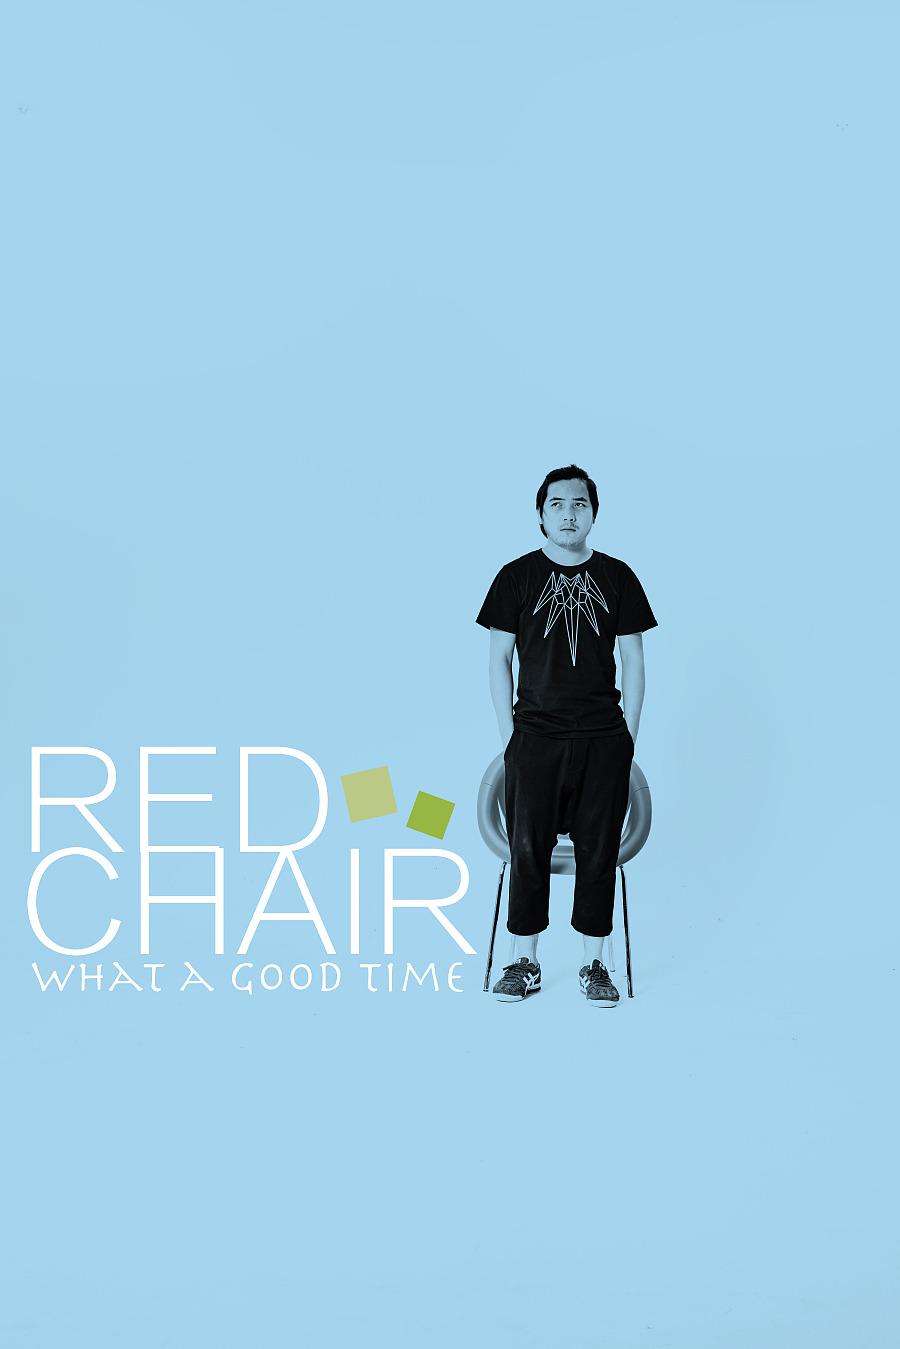 看不见我的红色椅子图片